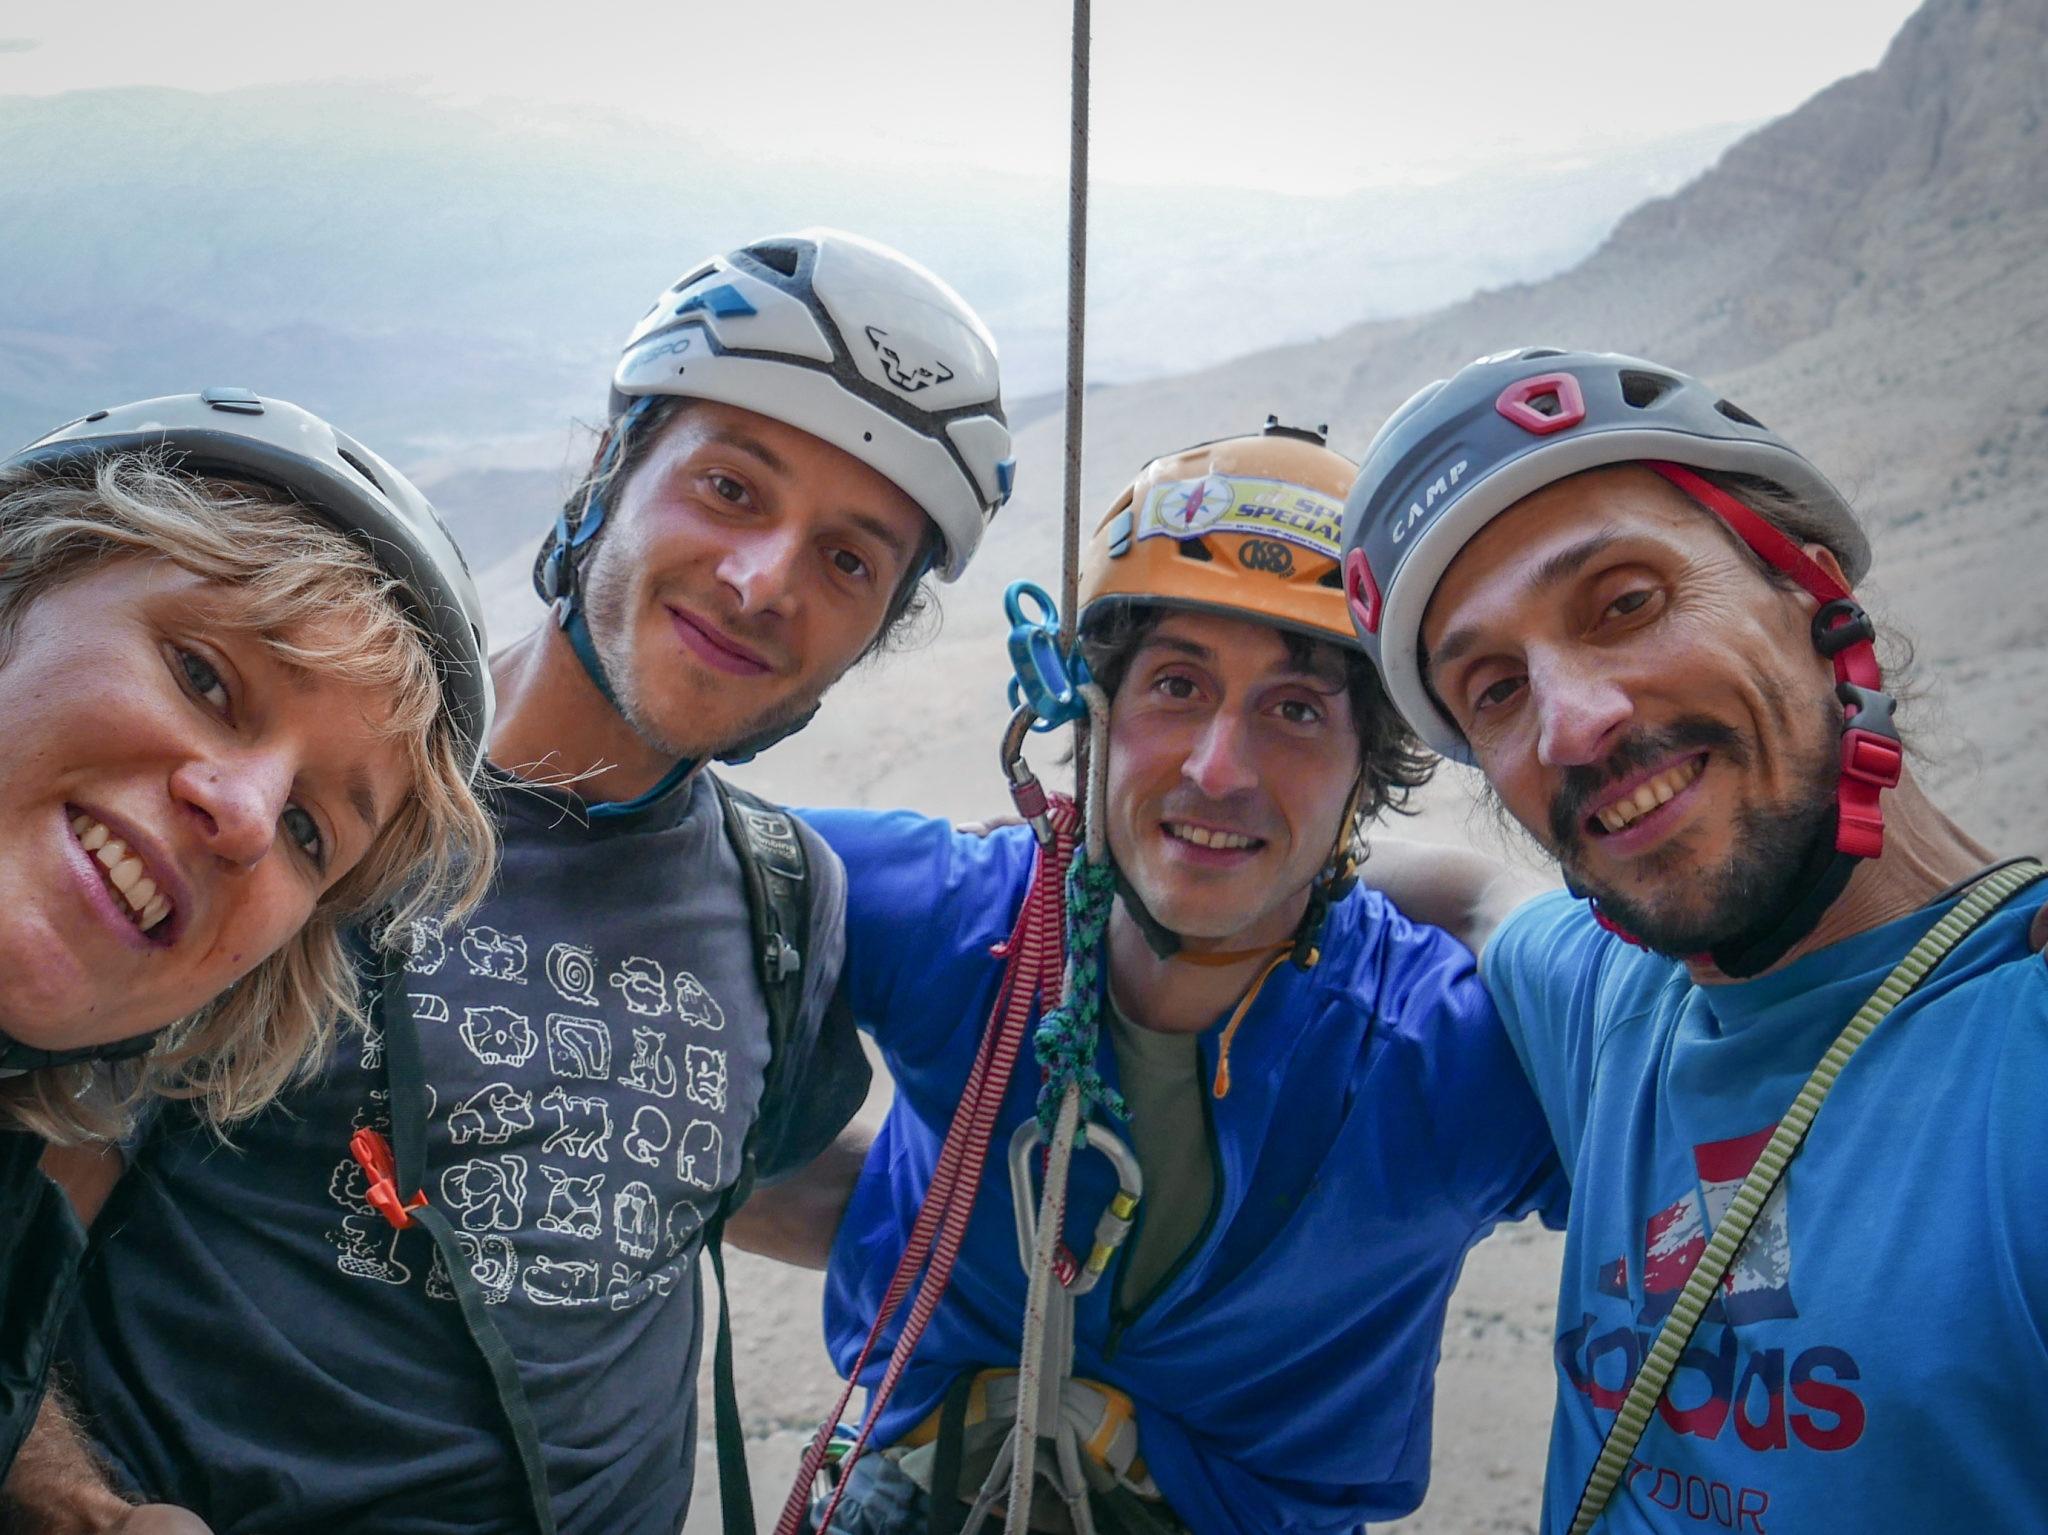 arrampicata, ragni di lecco, alpinismo, matteo della bordella, pedeferri, oman